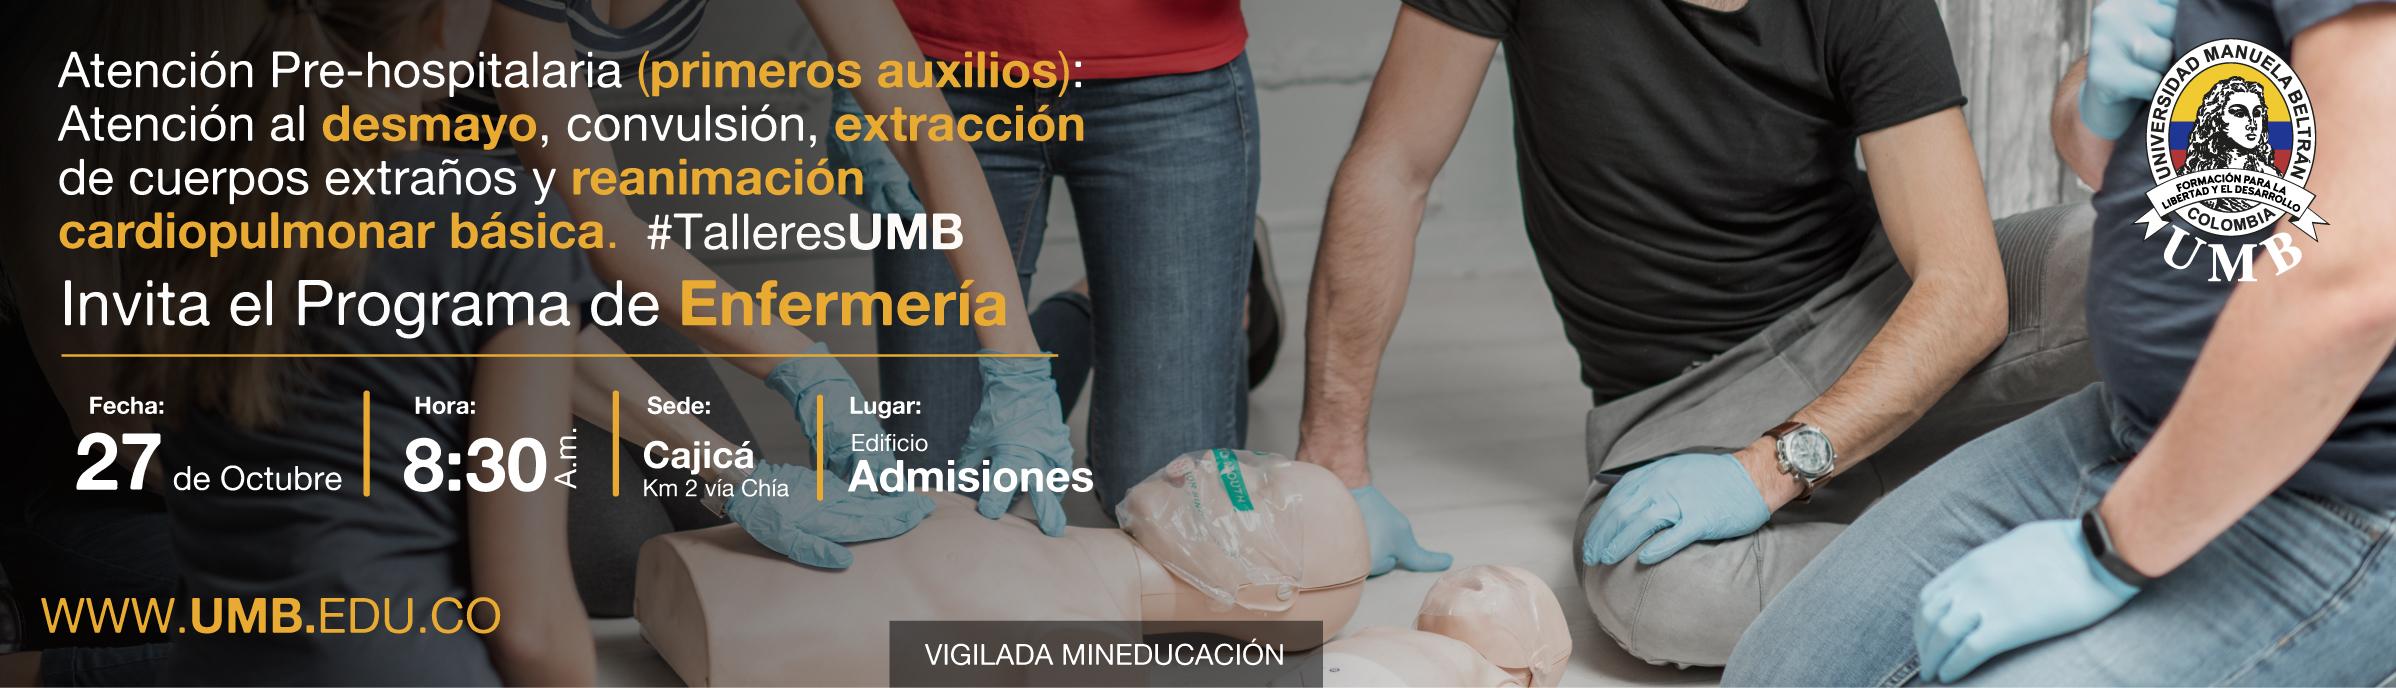 Atencion-pre-hospitalaria-cajica-2